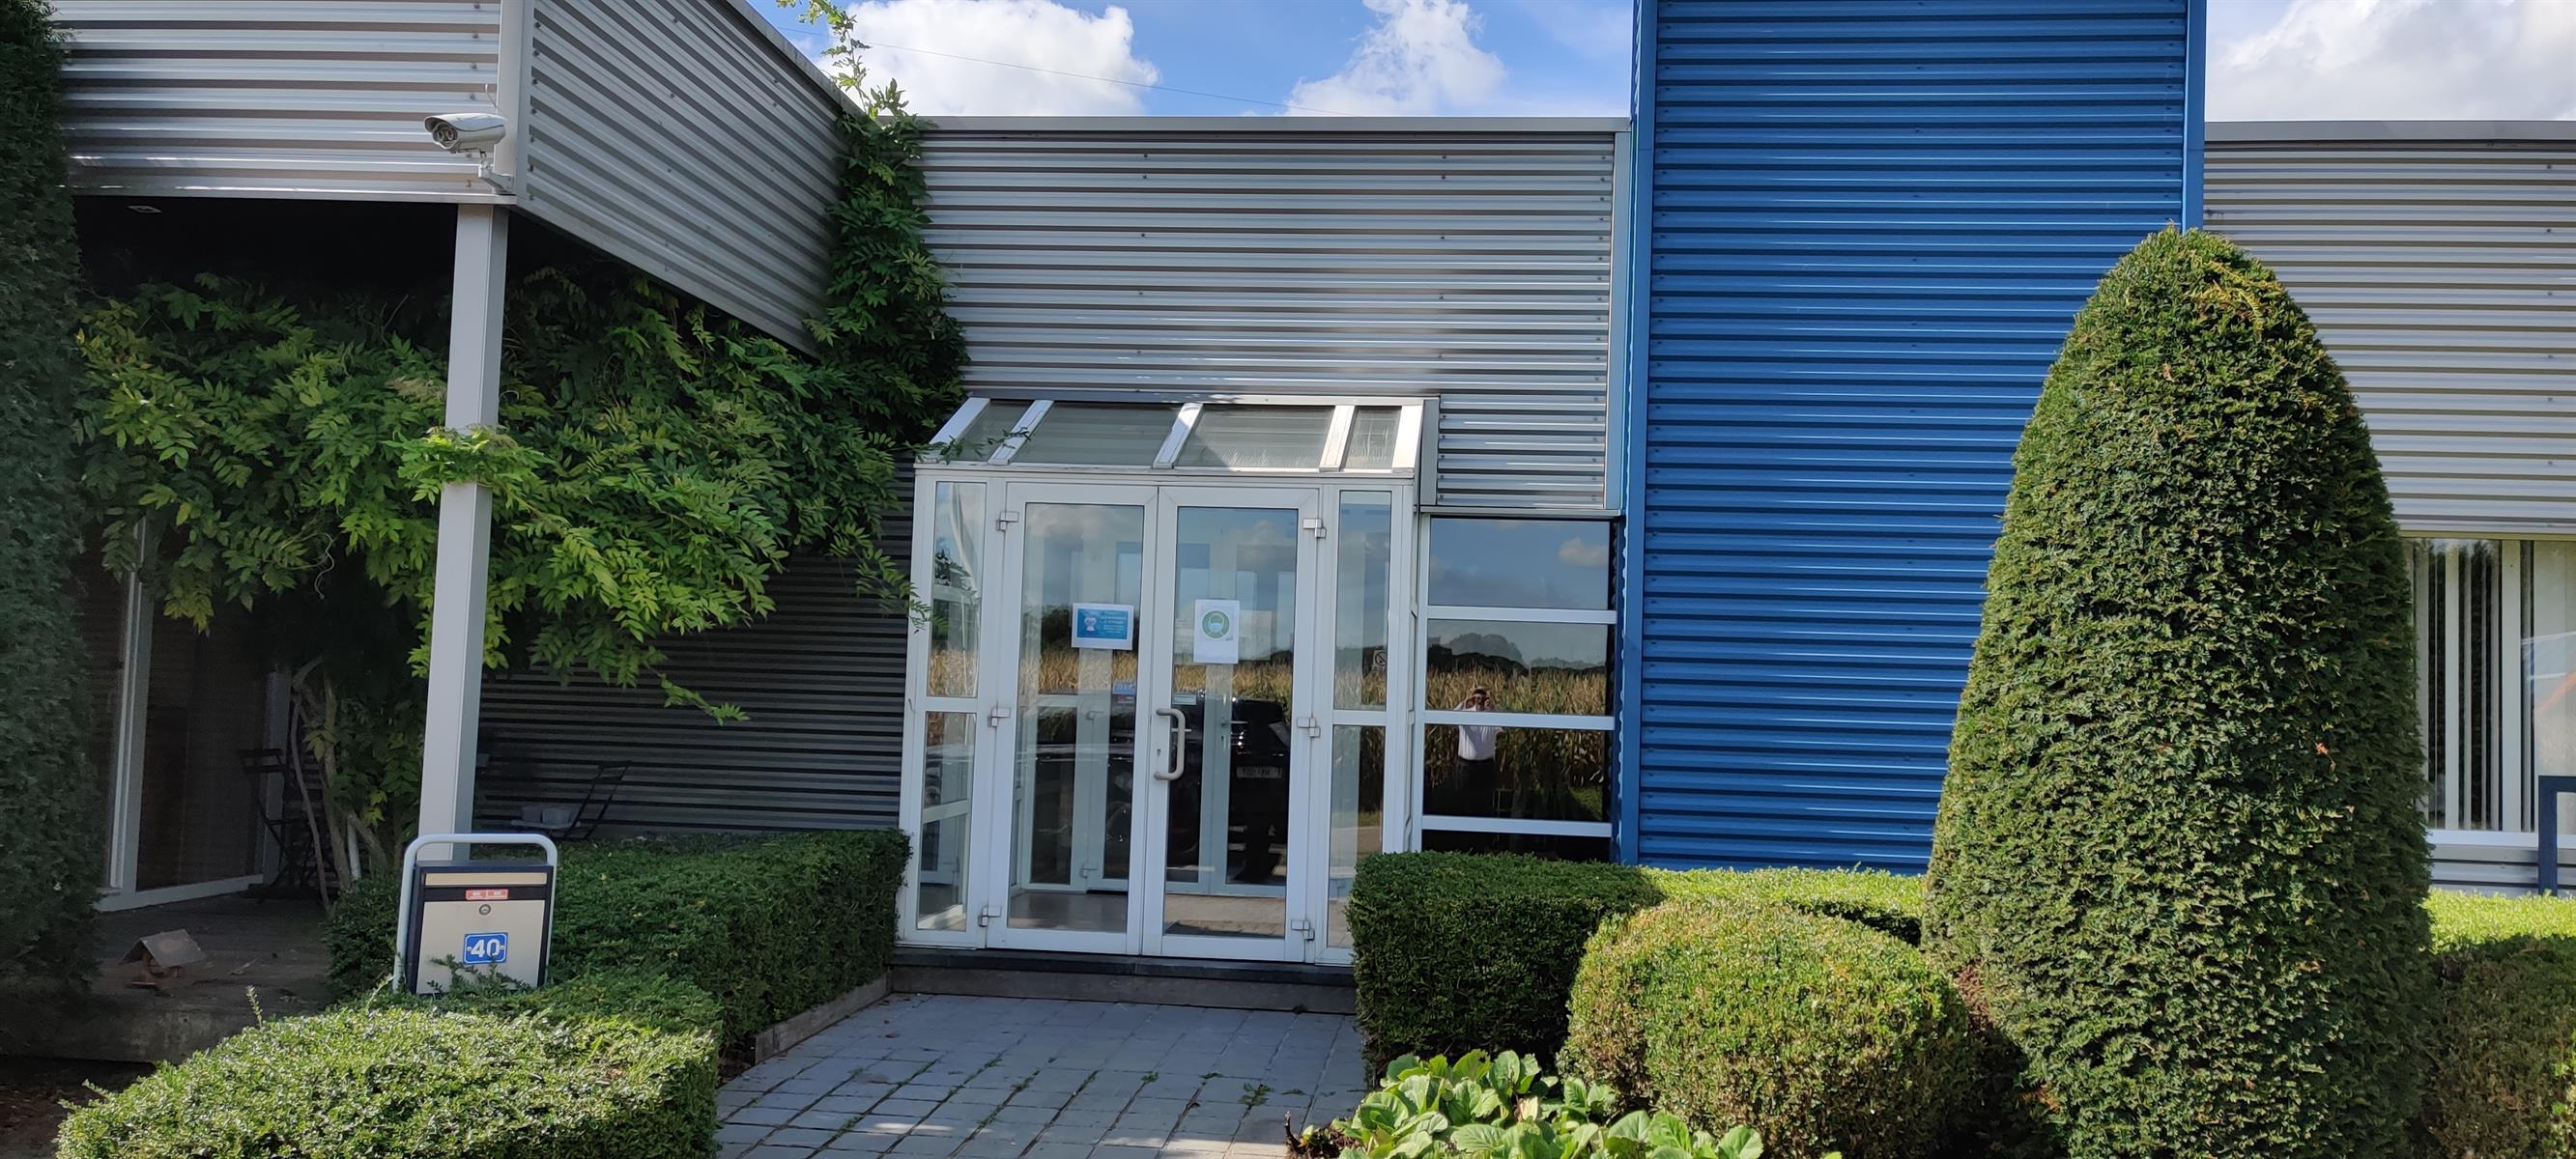 gebouw voor gemengd gebruik te koop I153 MAGAZIJN/ATELIER/KANTOOR - Dikberd 40, 2200 Herentals, België 18